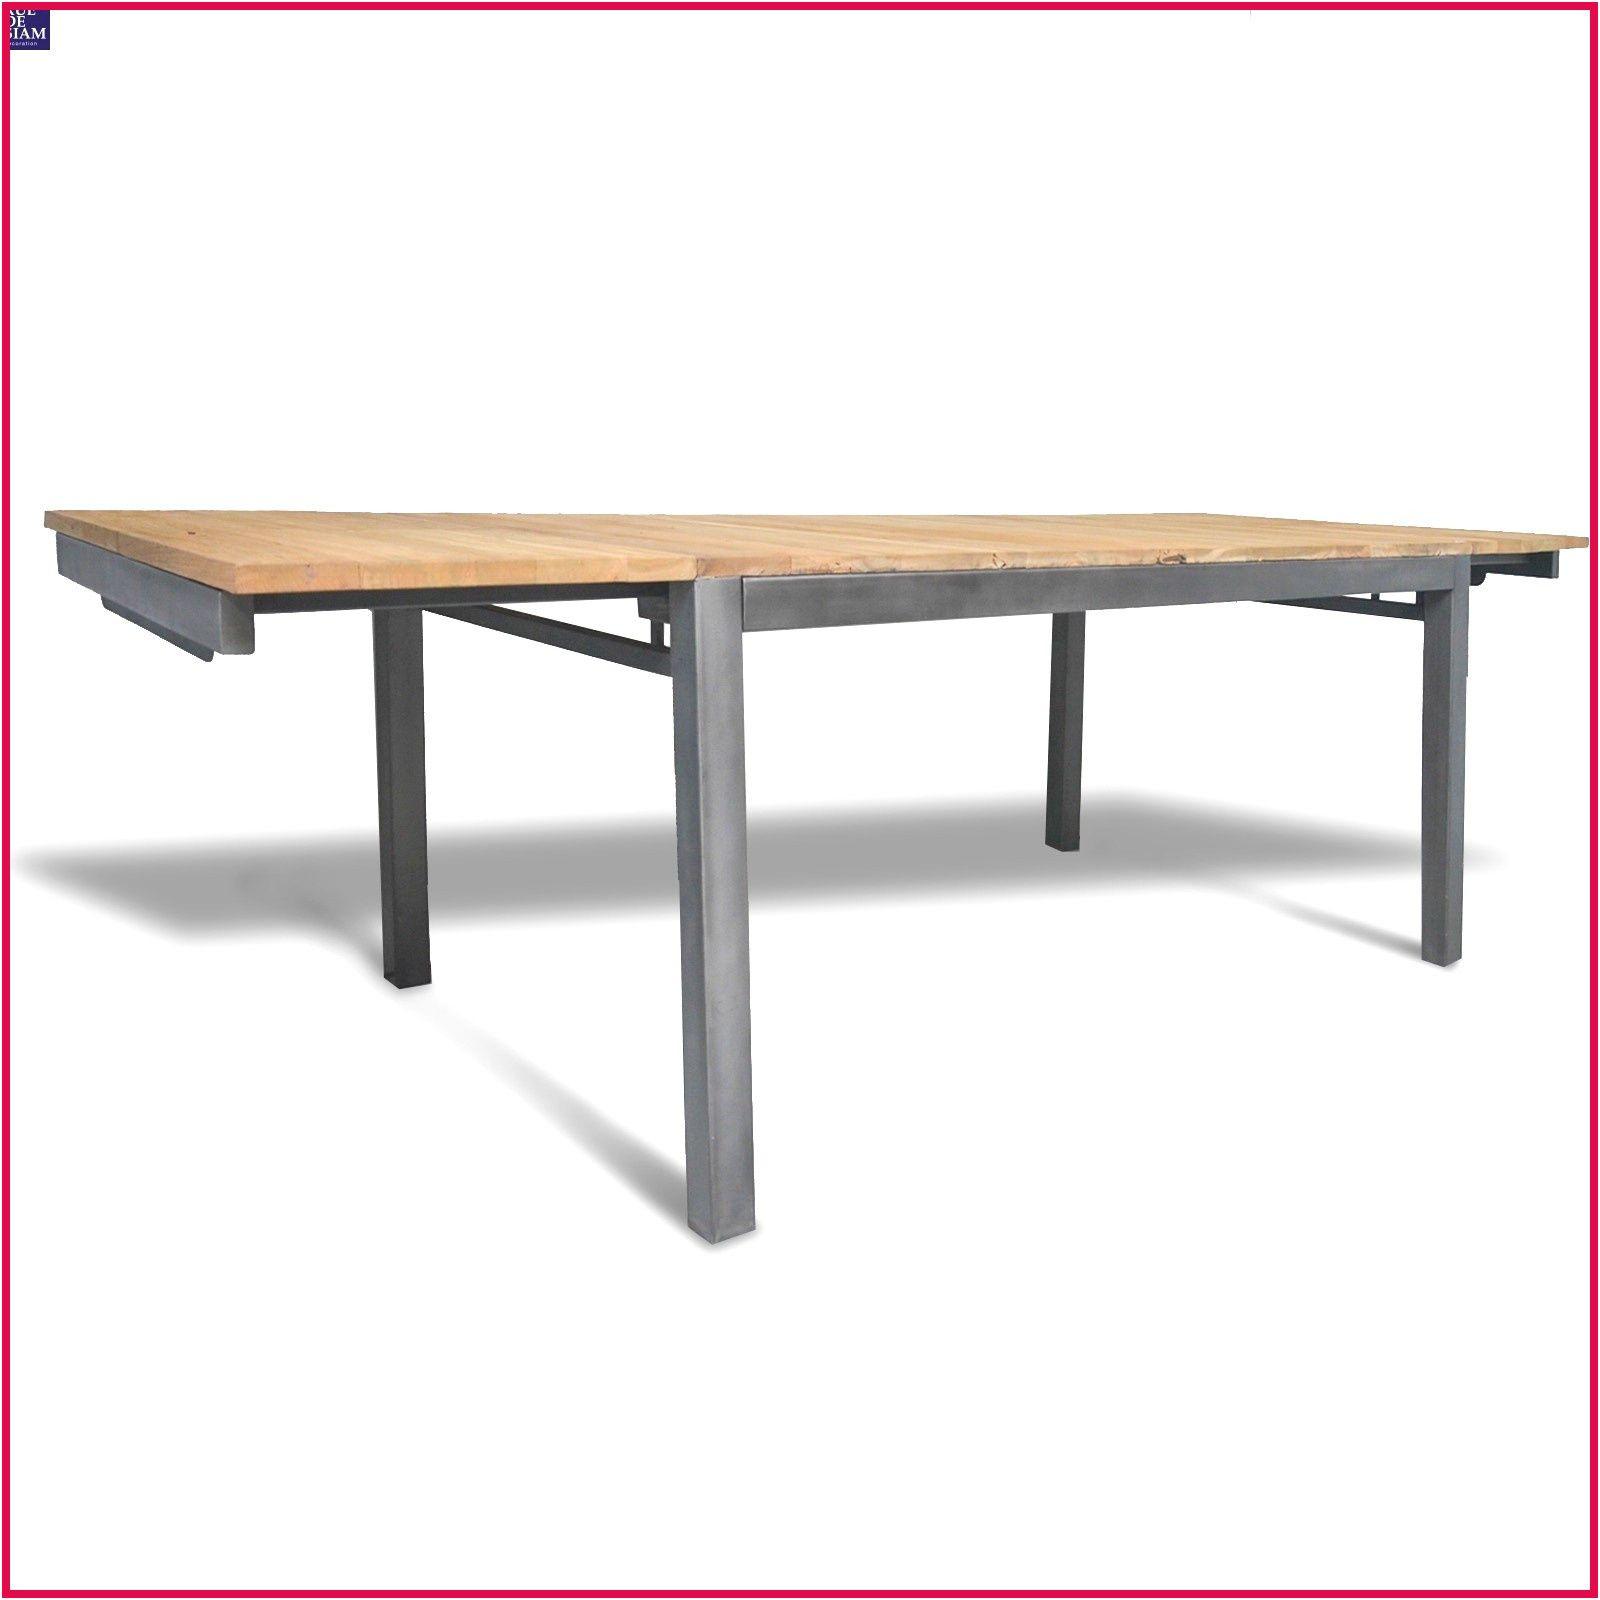 8 Prestigieux Ikea Table De Jardin Pictures avec Table Salle A Manger Extensible Fly